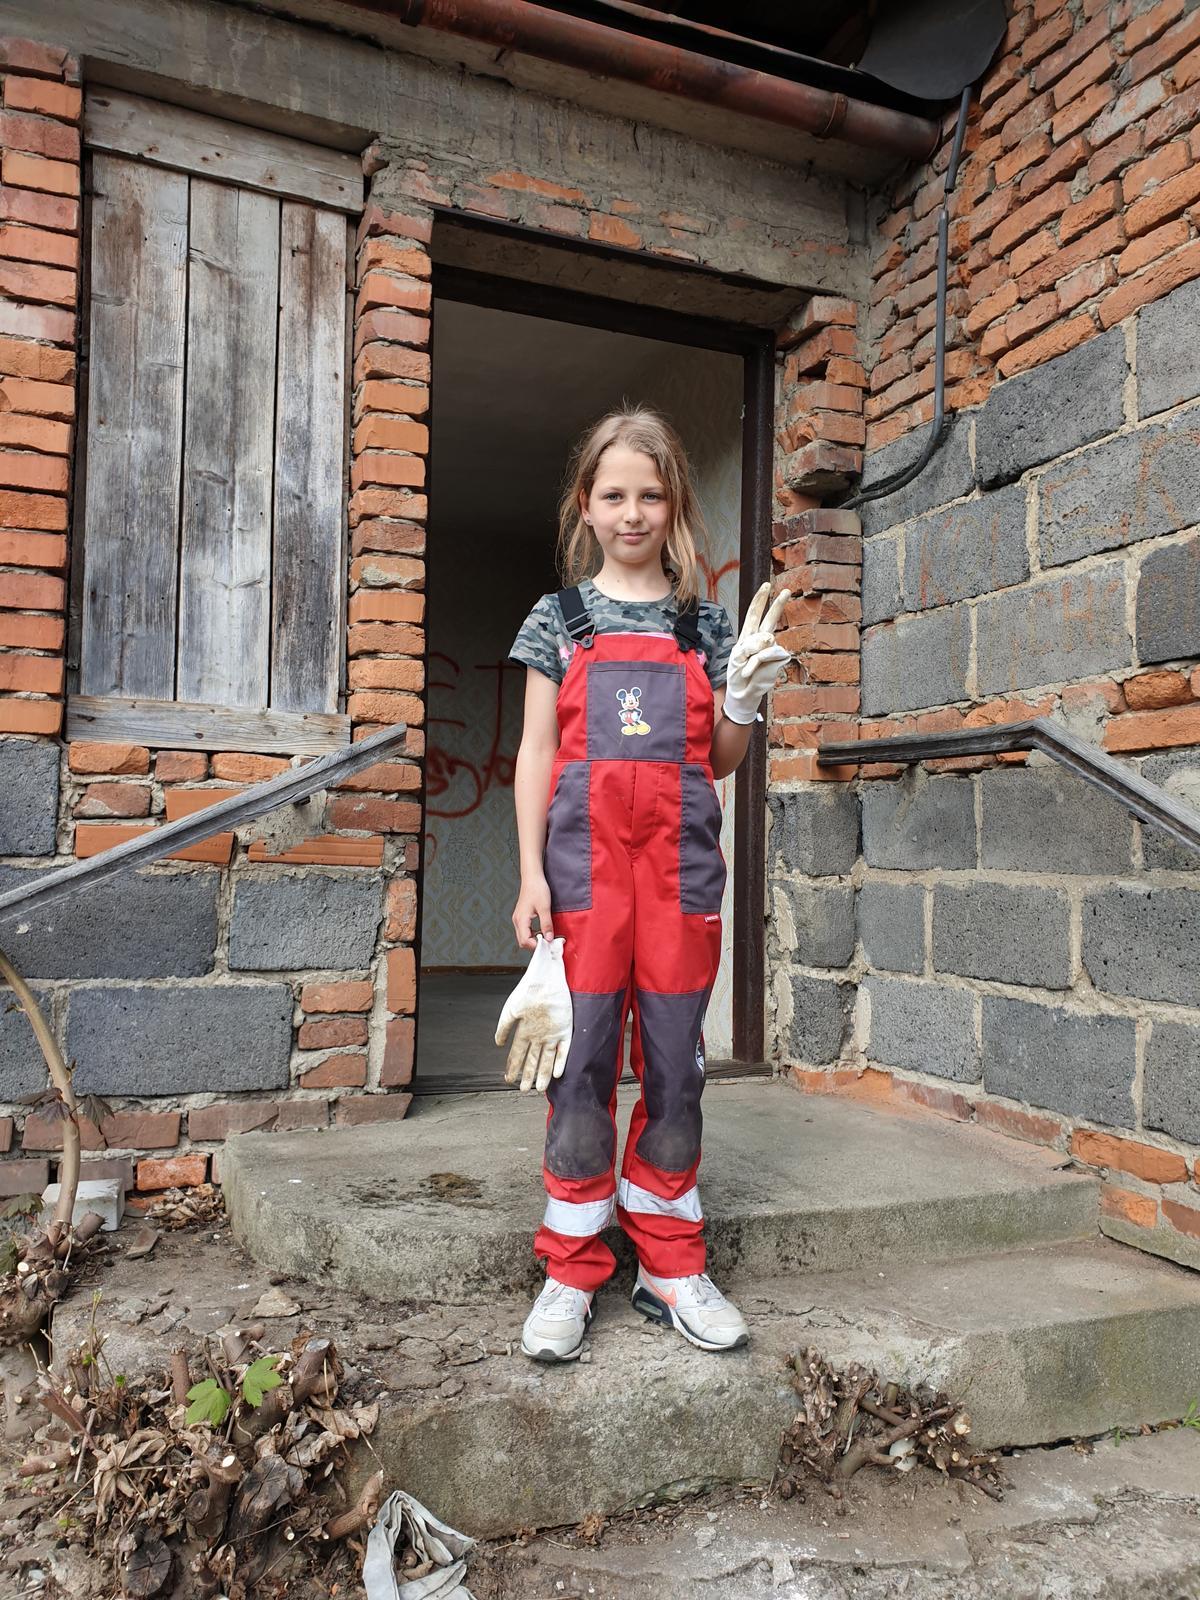 Rekonštrukcia domu-alebo chceme si splniť sen =》🏠🌻🌼🐶  mat domcek a vratit sa na Slovensko - Obrázok č. 60